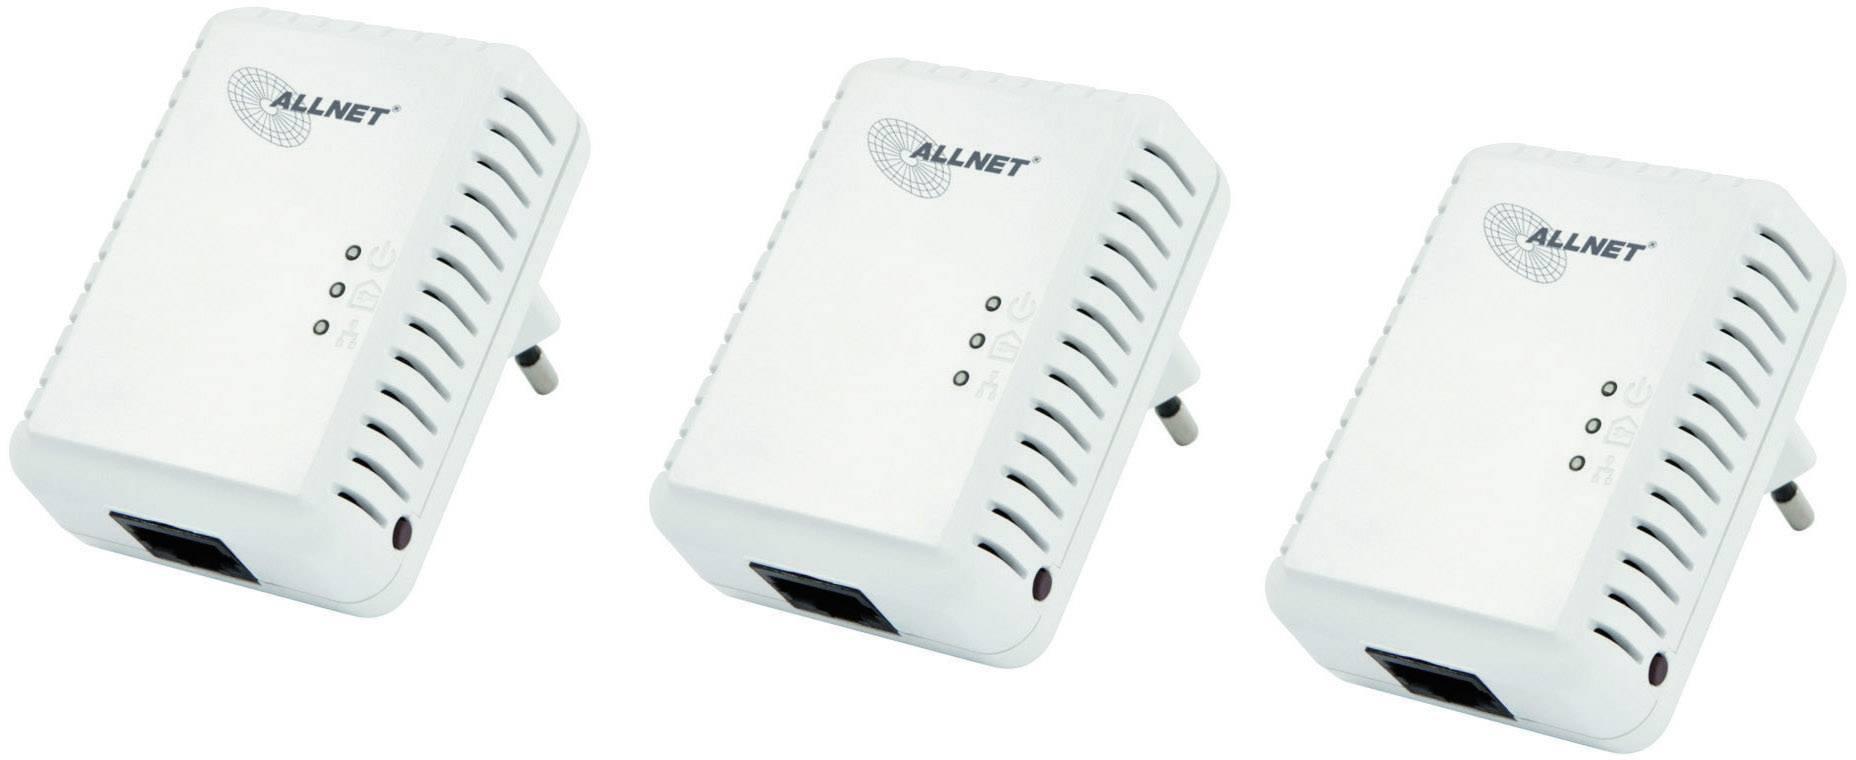 Powerline Network Kit Allnet ALL168250TRIPLE, 500 Mbit/s